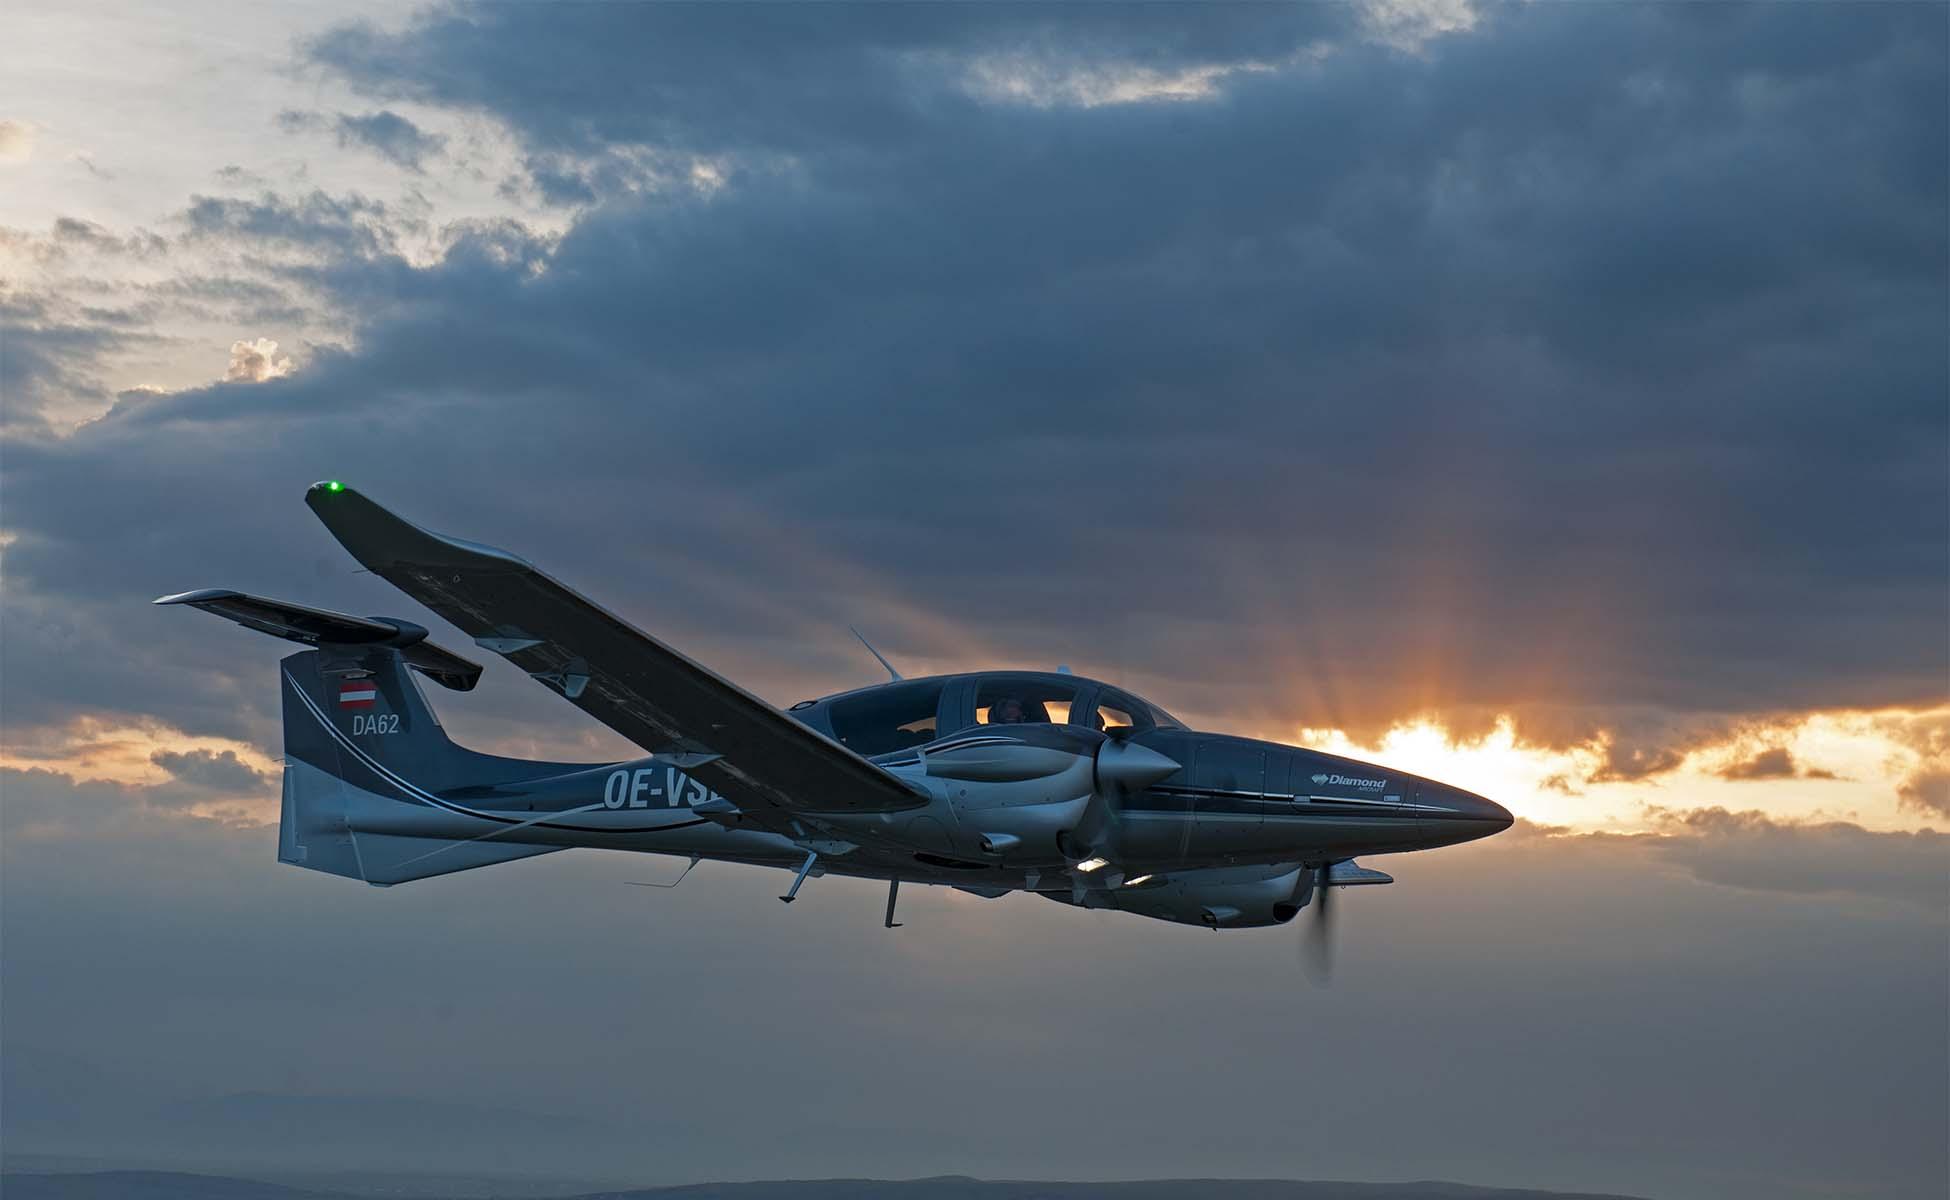 individueller Flug da62 lohn aviation